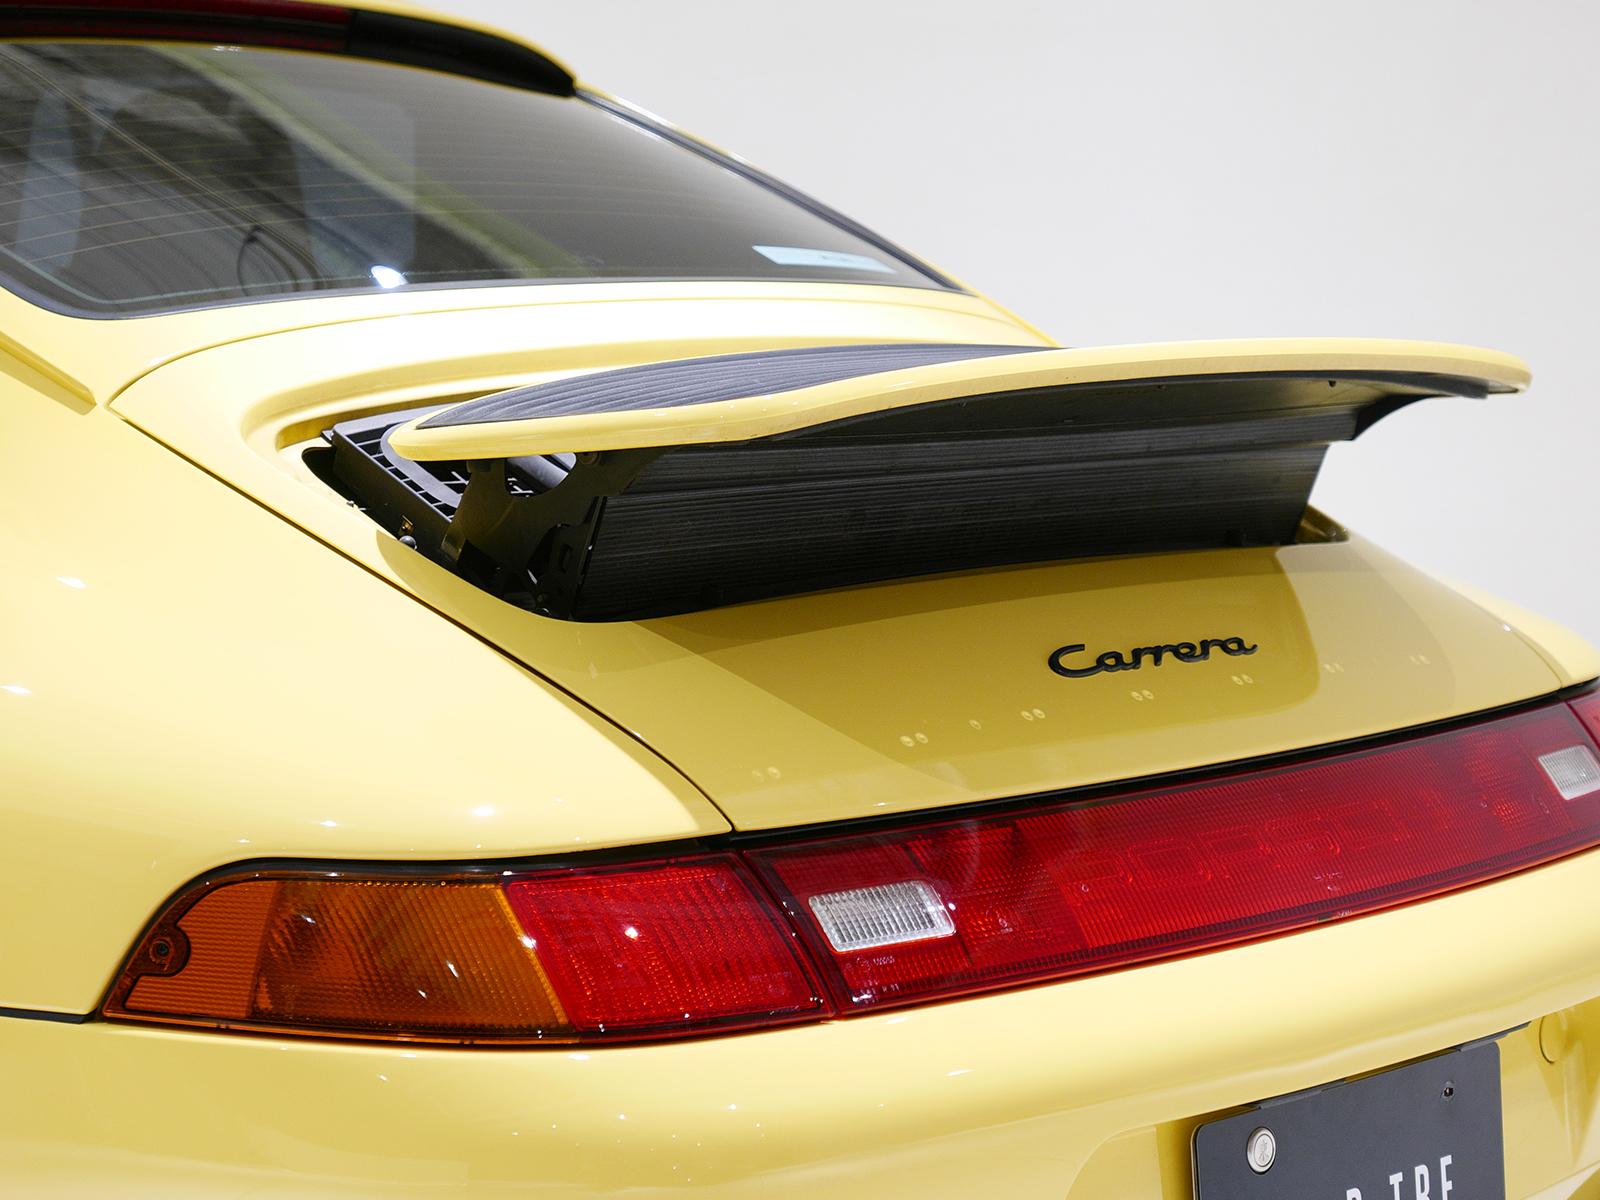 ポルシェ 911 タイプ993 カレラ タイプ Ⅰ スポイラー